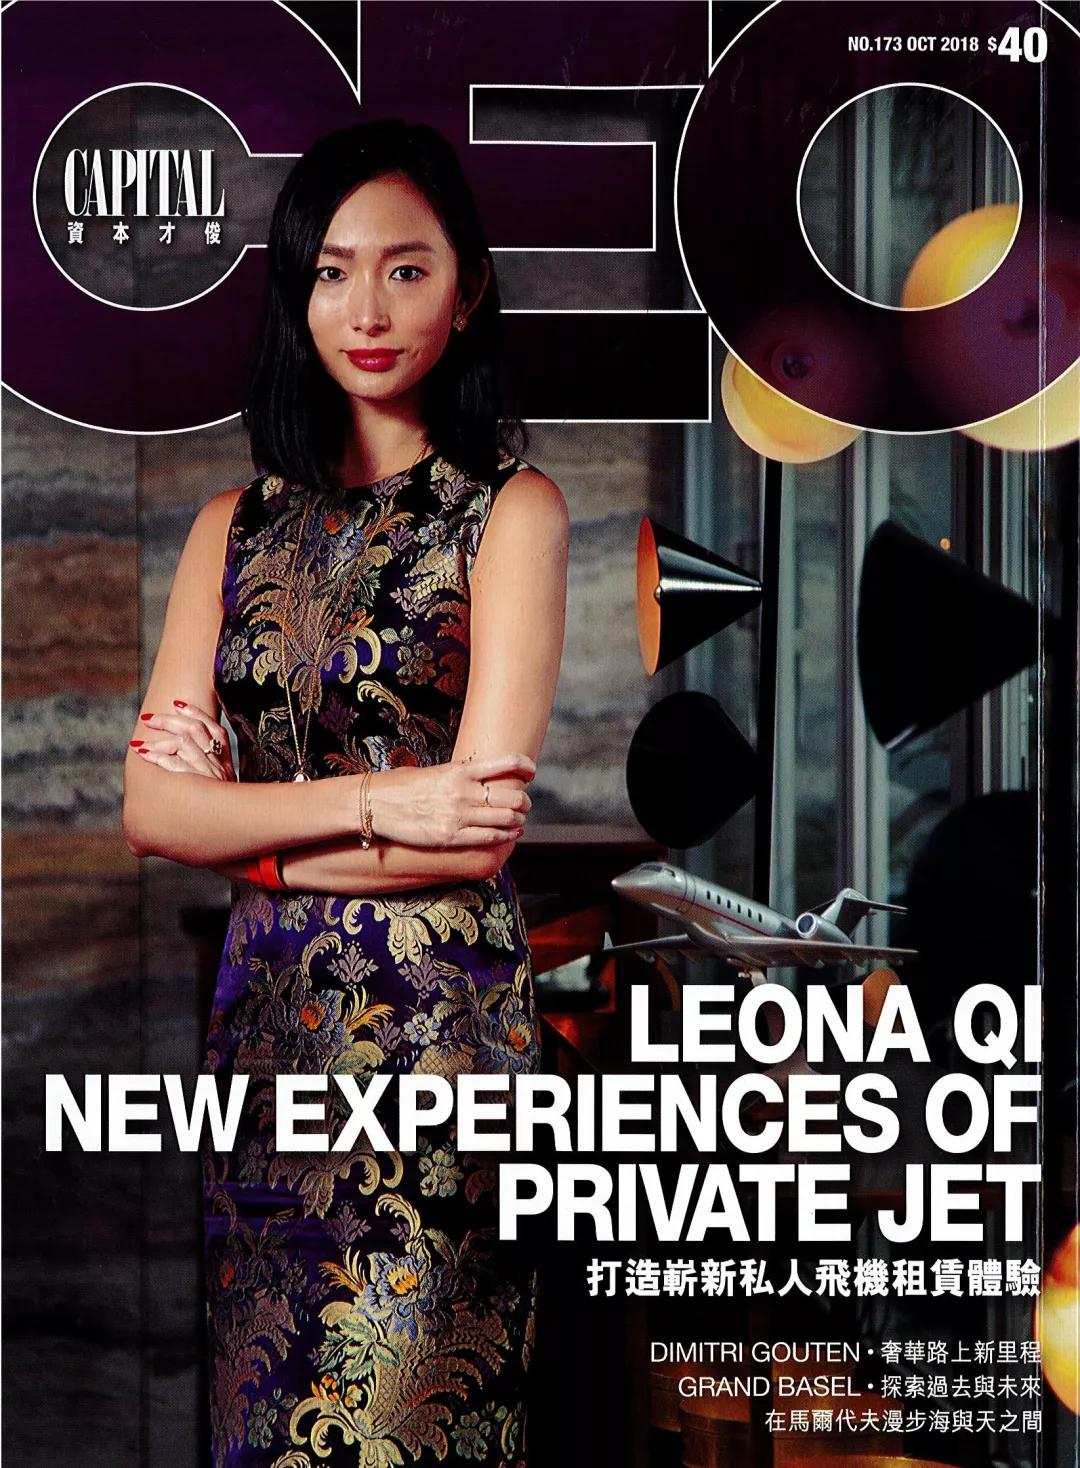 Leona Qi-维思达公务机